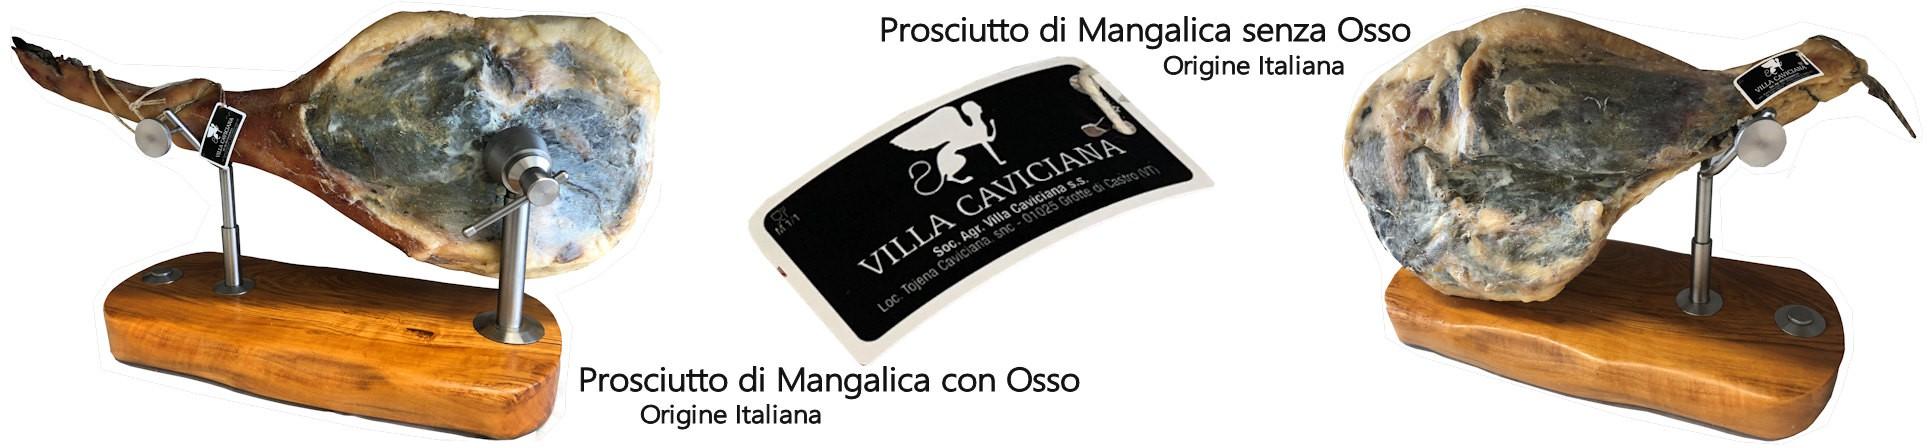 prosciutto di mangalitza vendita online - VILLA CAVICIANA